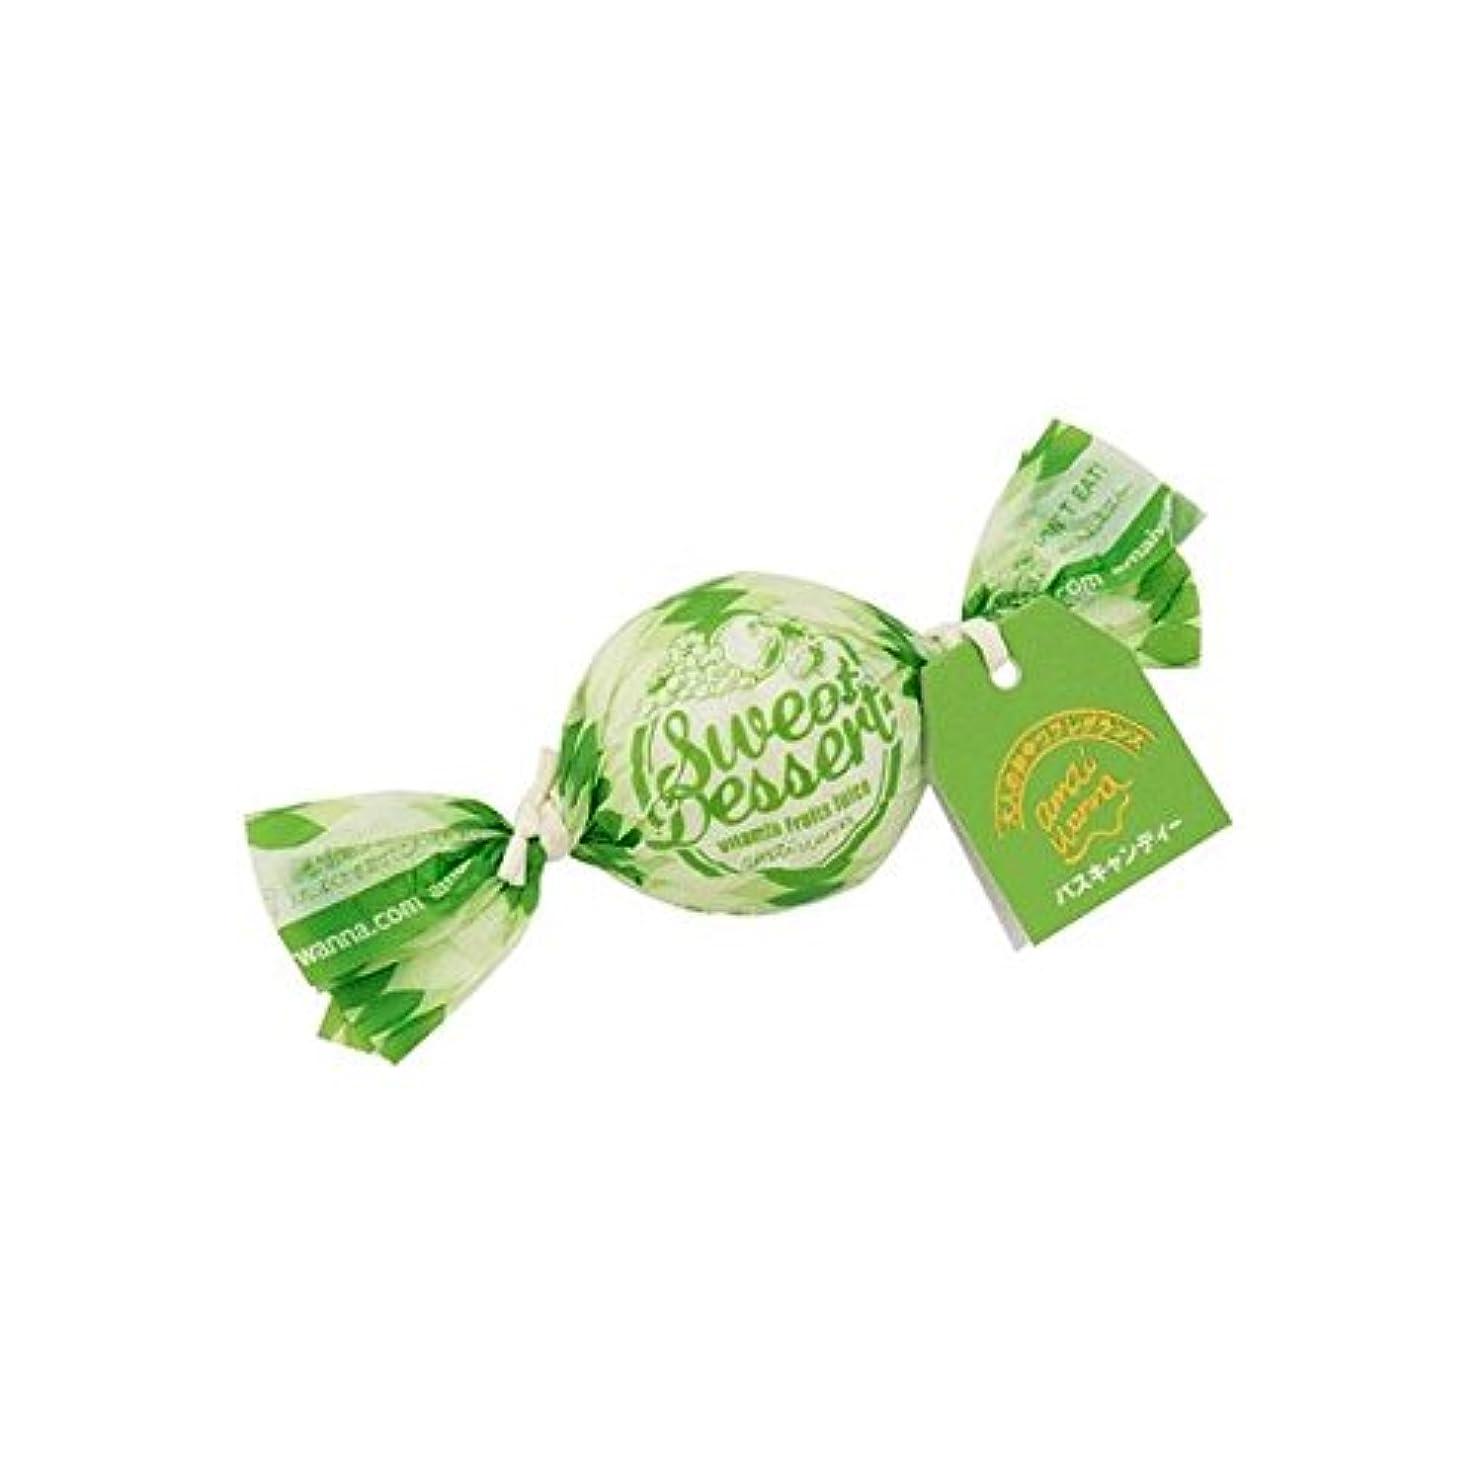 農民非アクティブ一貫性のないグローバルプロダクトプランニング アマイワナ バスキャンディー 1粒 ビタミンフルーツジュース 35g 4517161124224